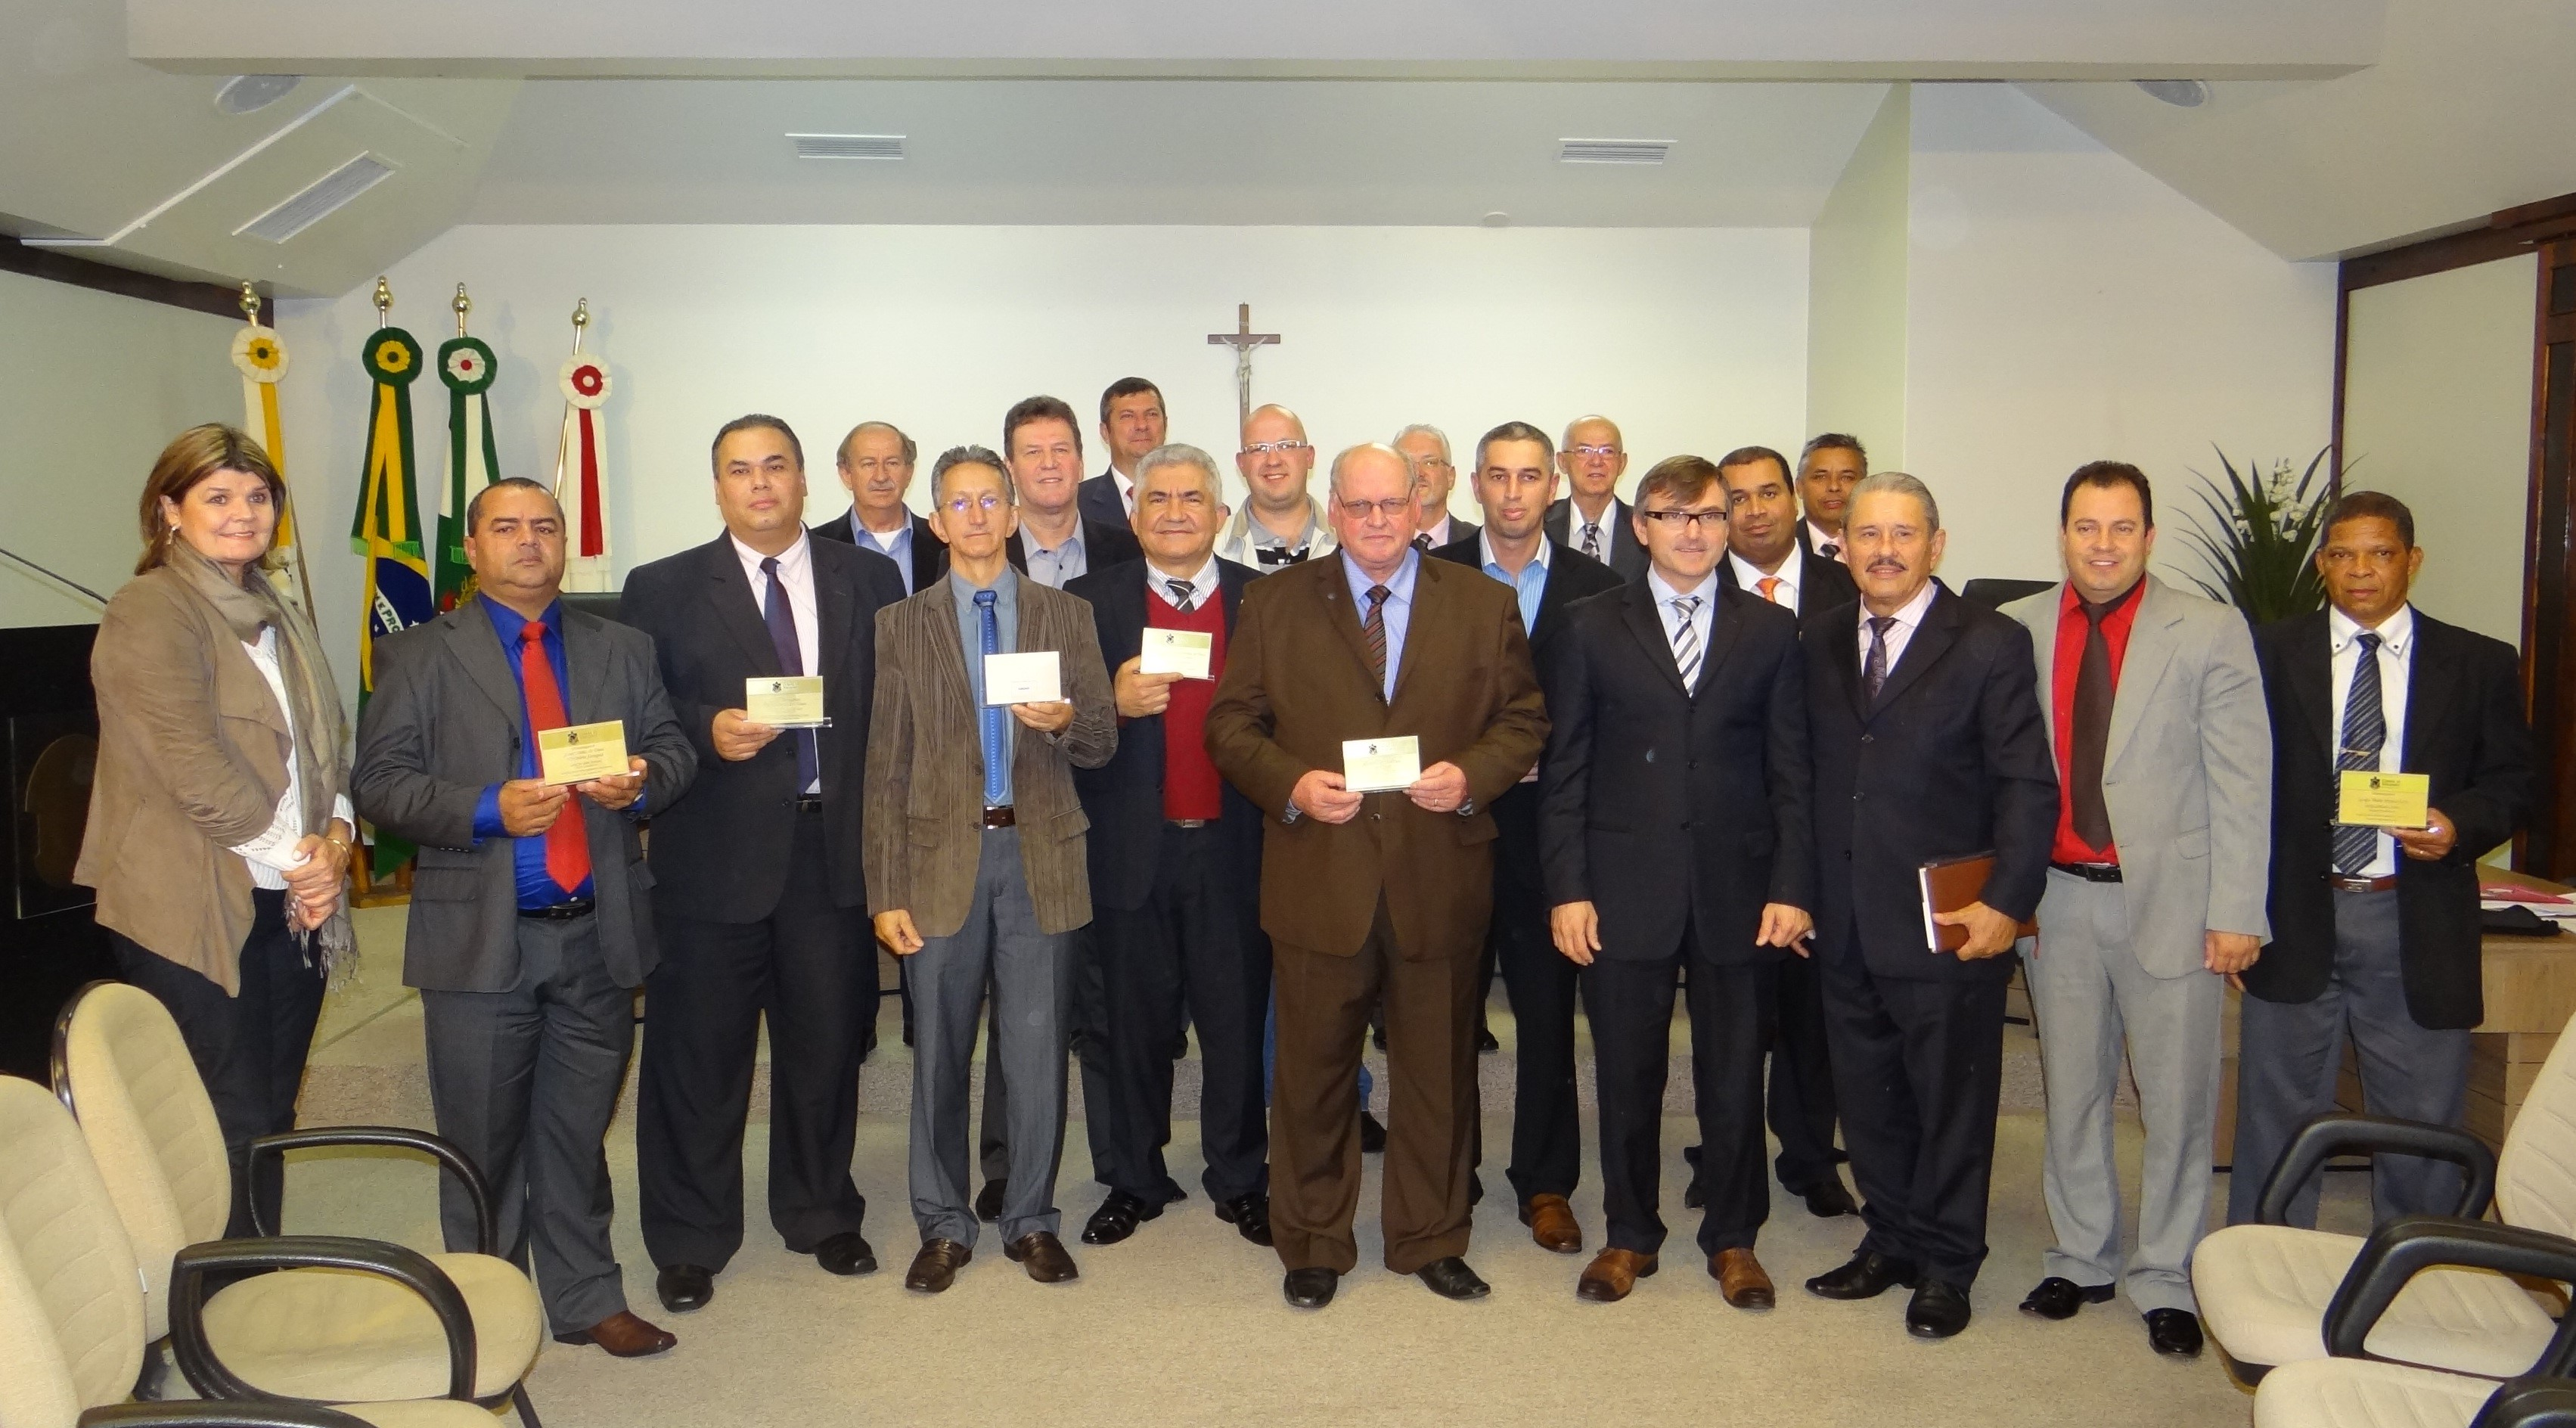 igrejas evangelicas do brasil: